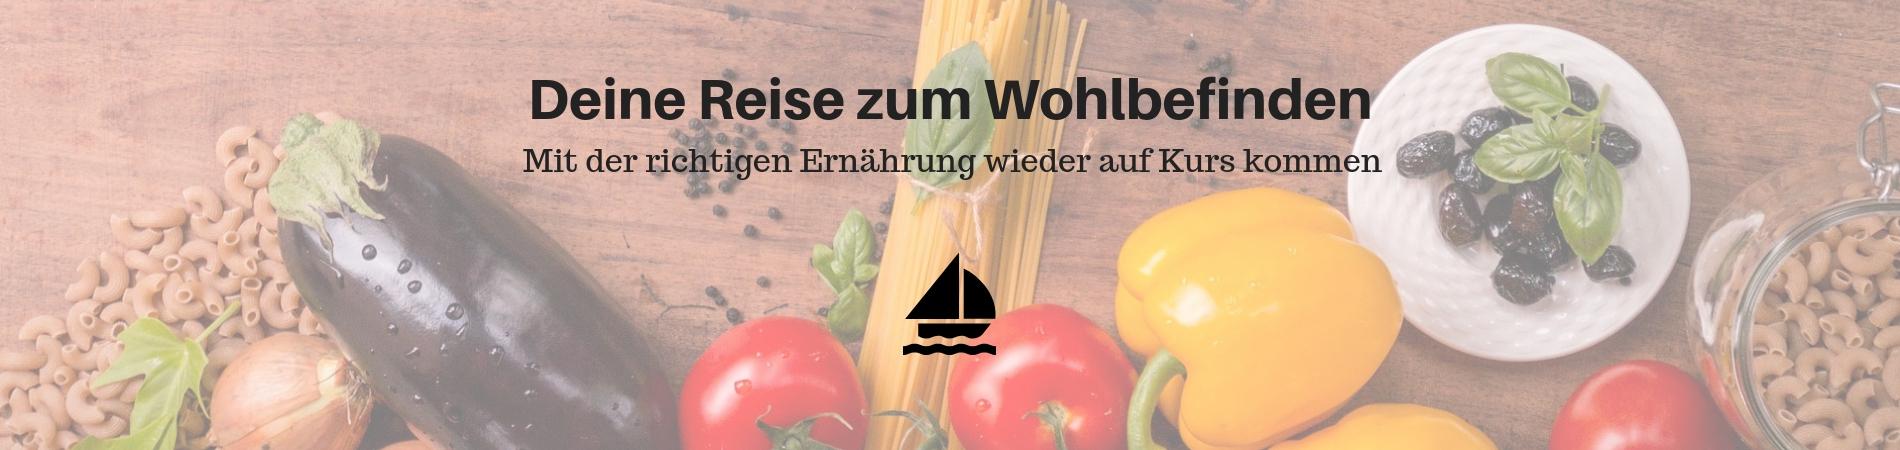 Deine Reise zum Wohlbefinden - Mit der richtigen Ernährung wieder auf Kurs kommen | Ernährungsberatung Monika Winhard